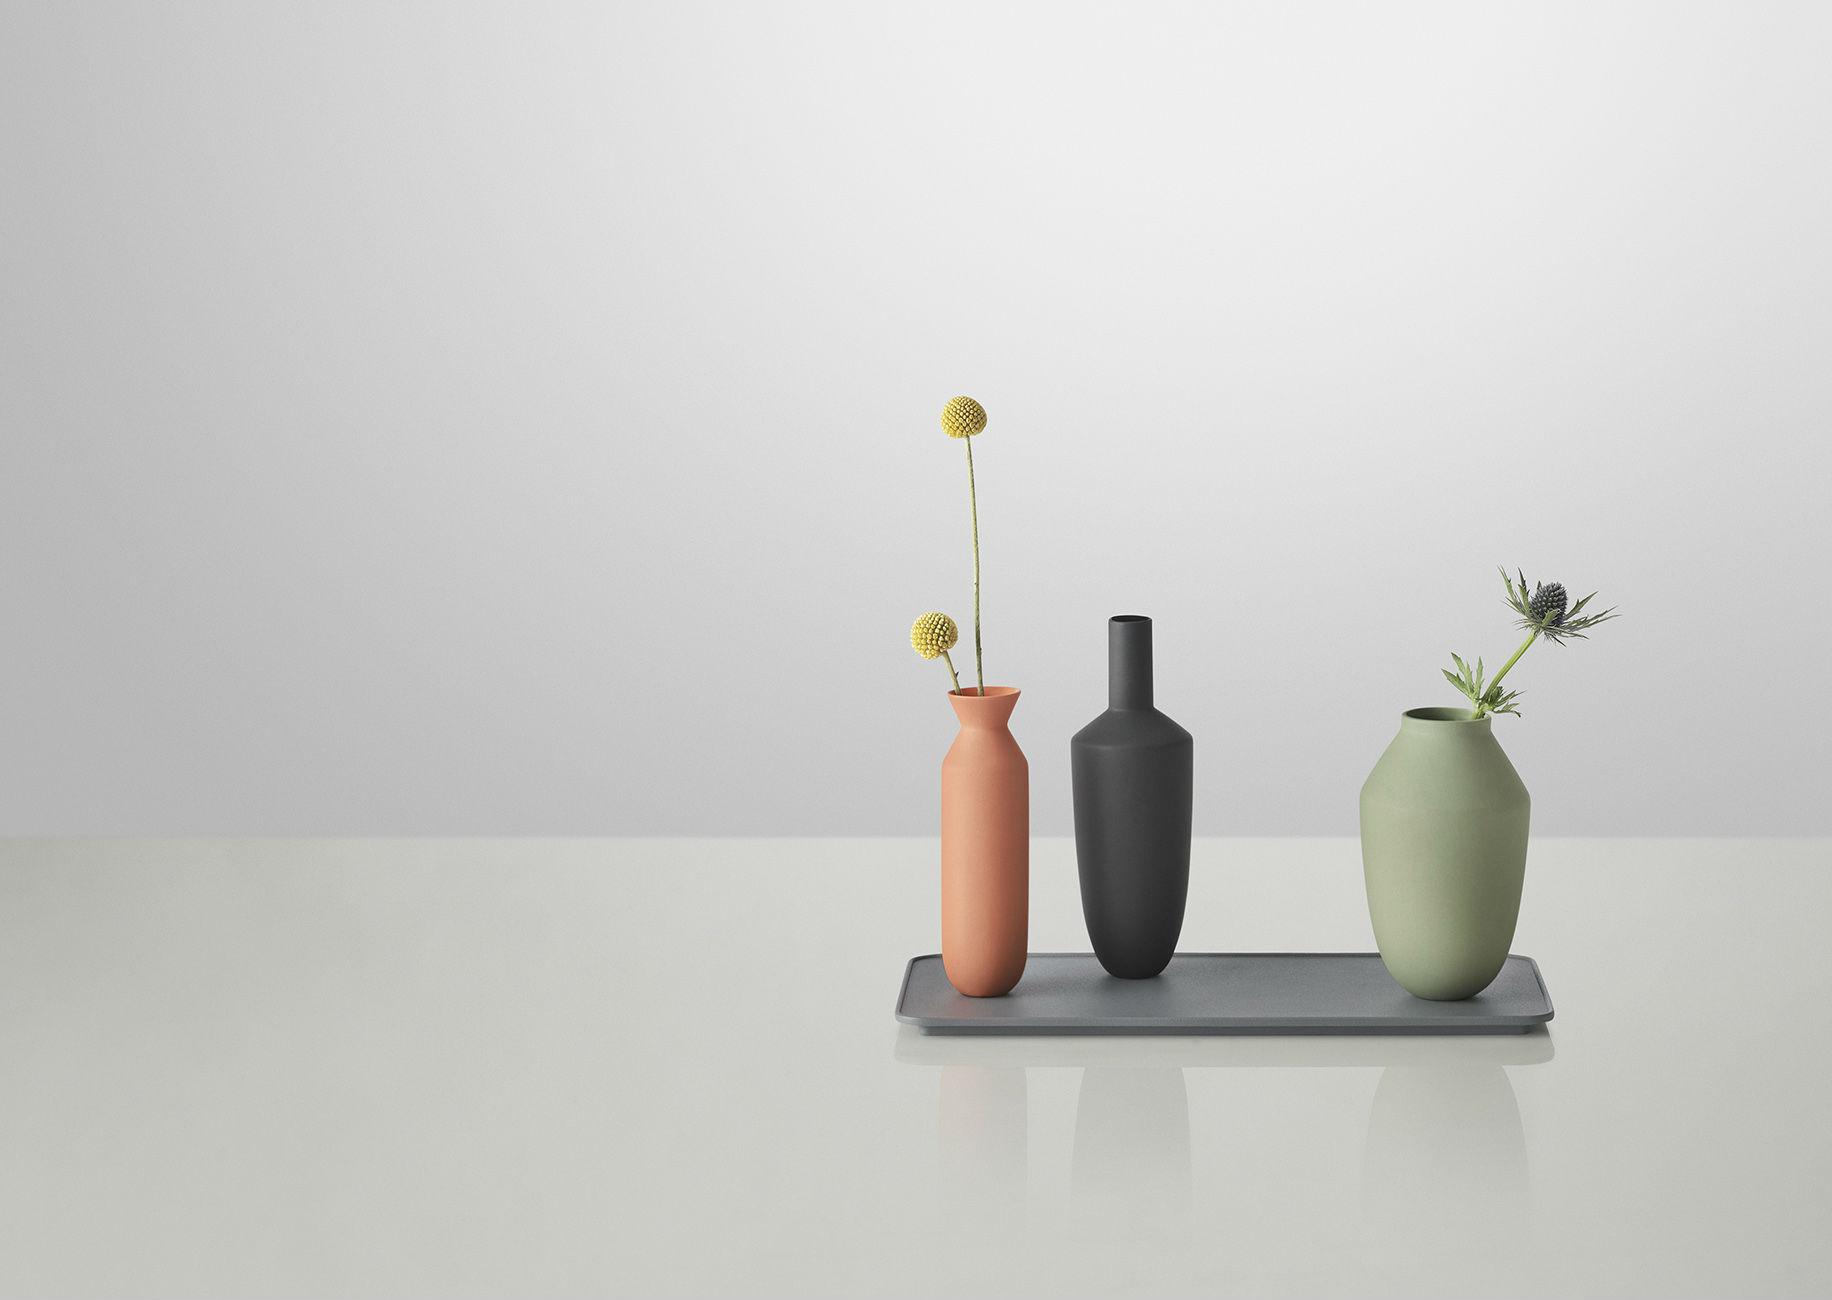 Vases-aimantés-Balance-Muuto-01